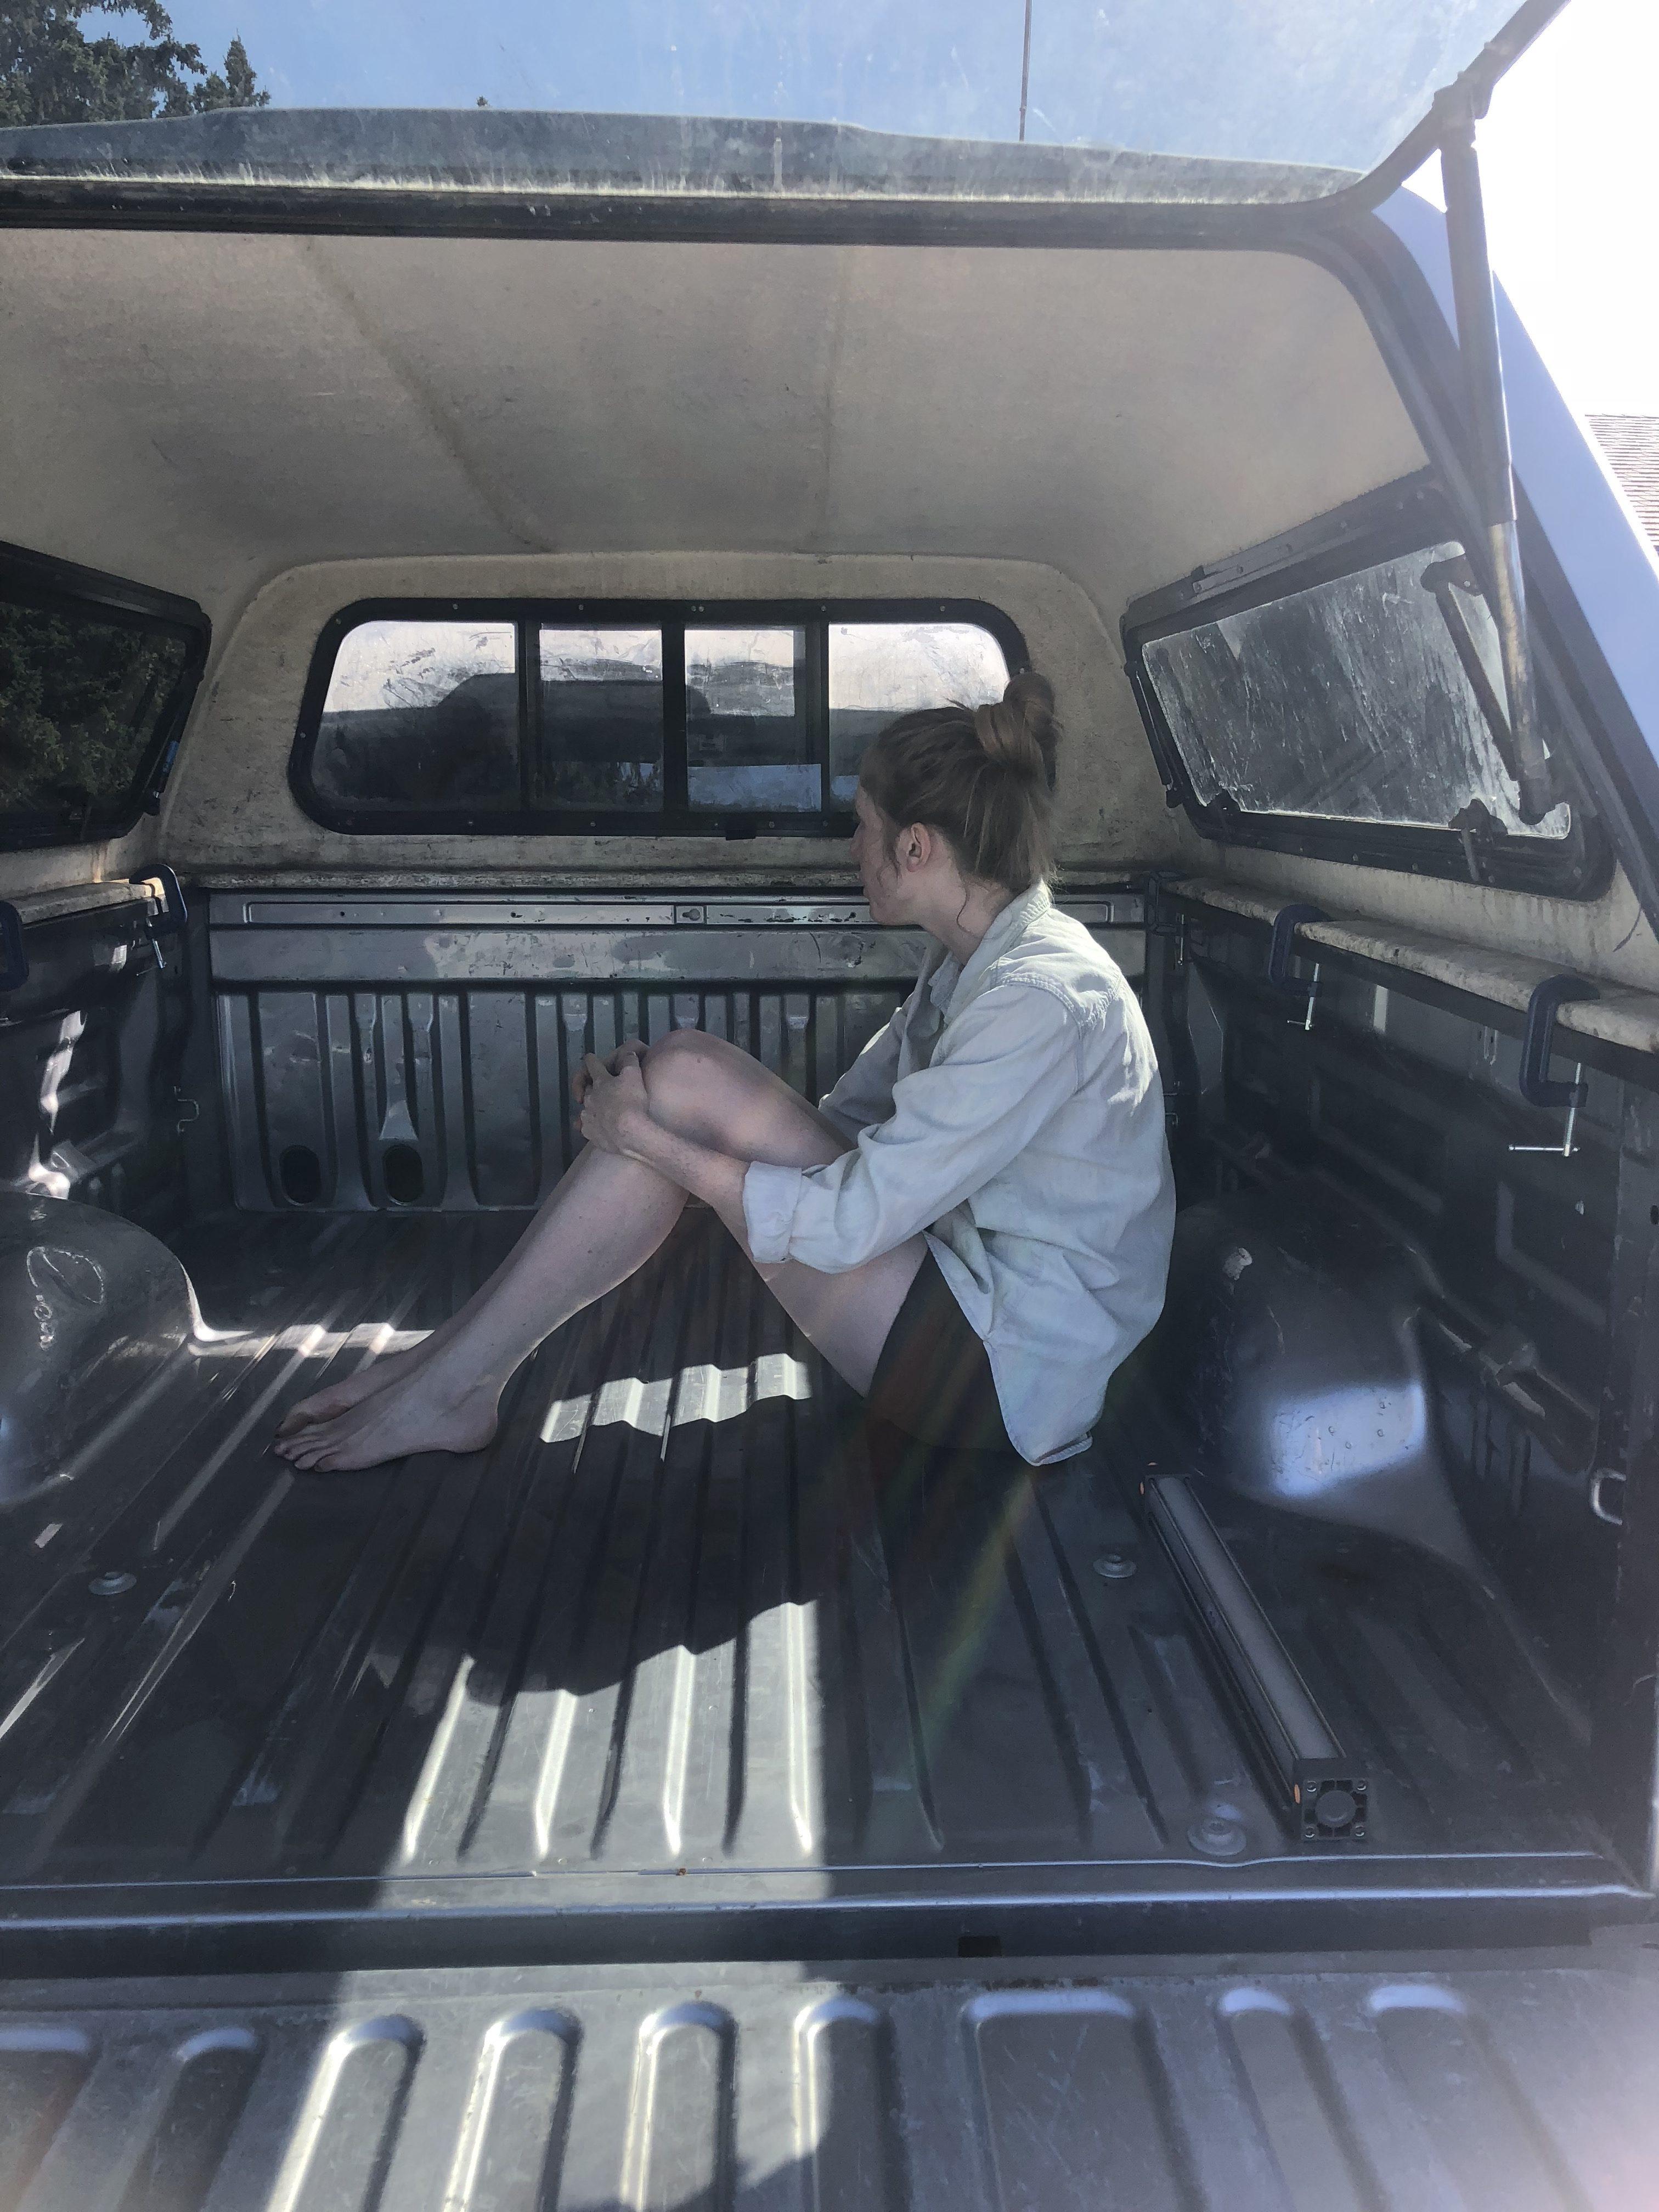 Truck Bed Camper Build - CanOverland